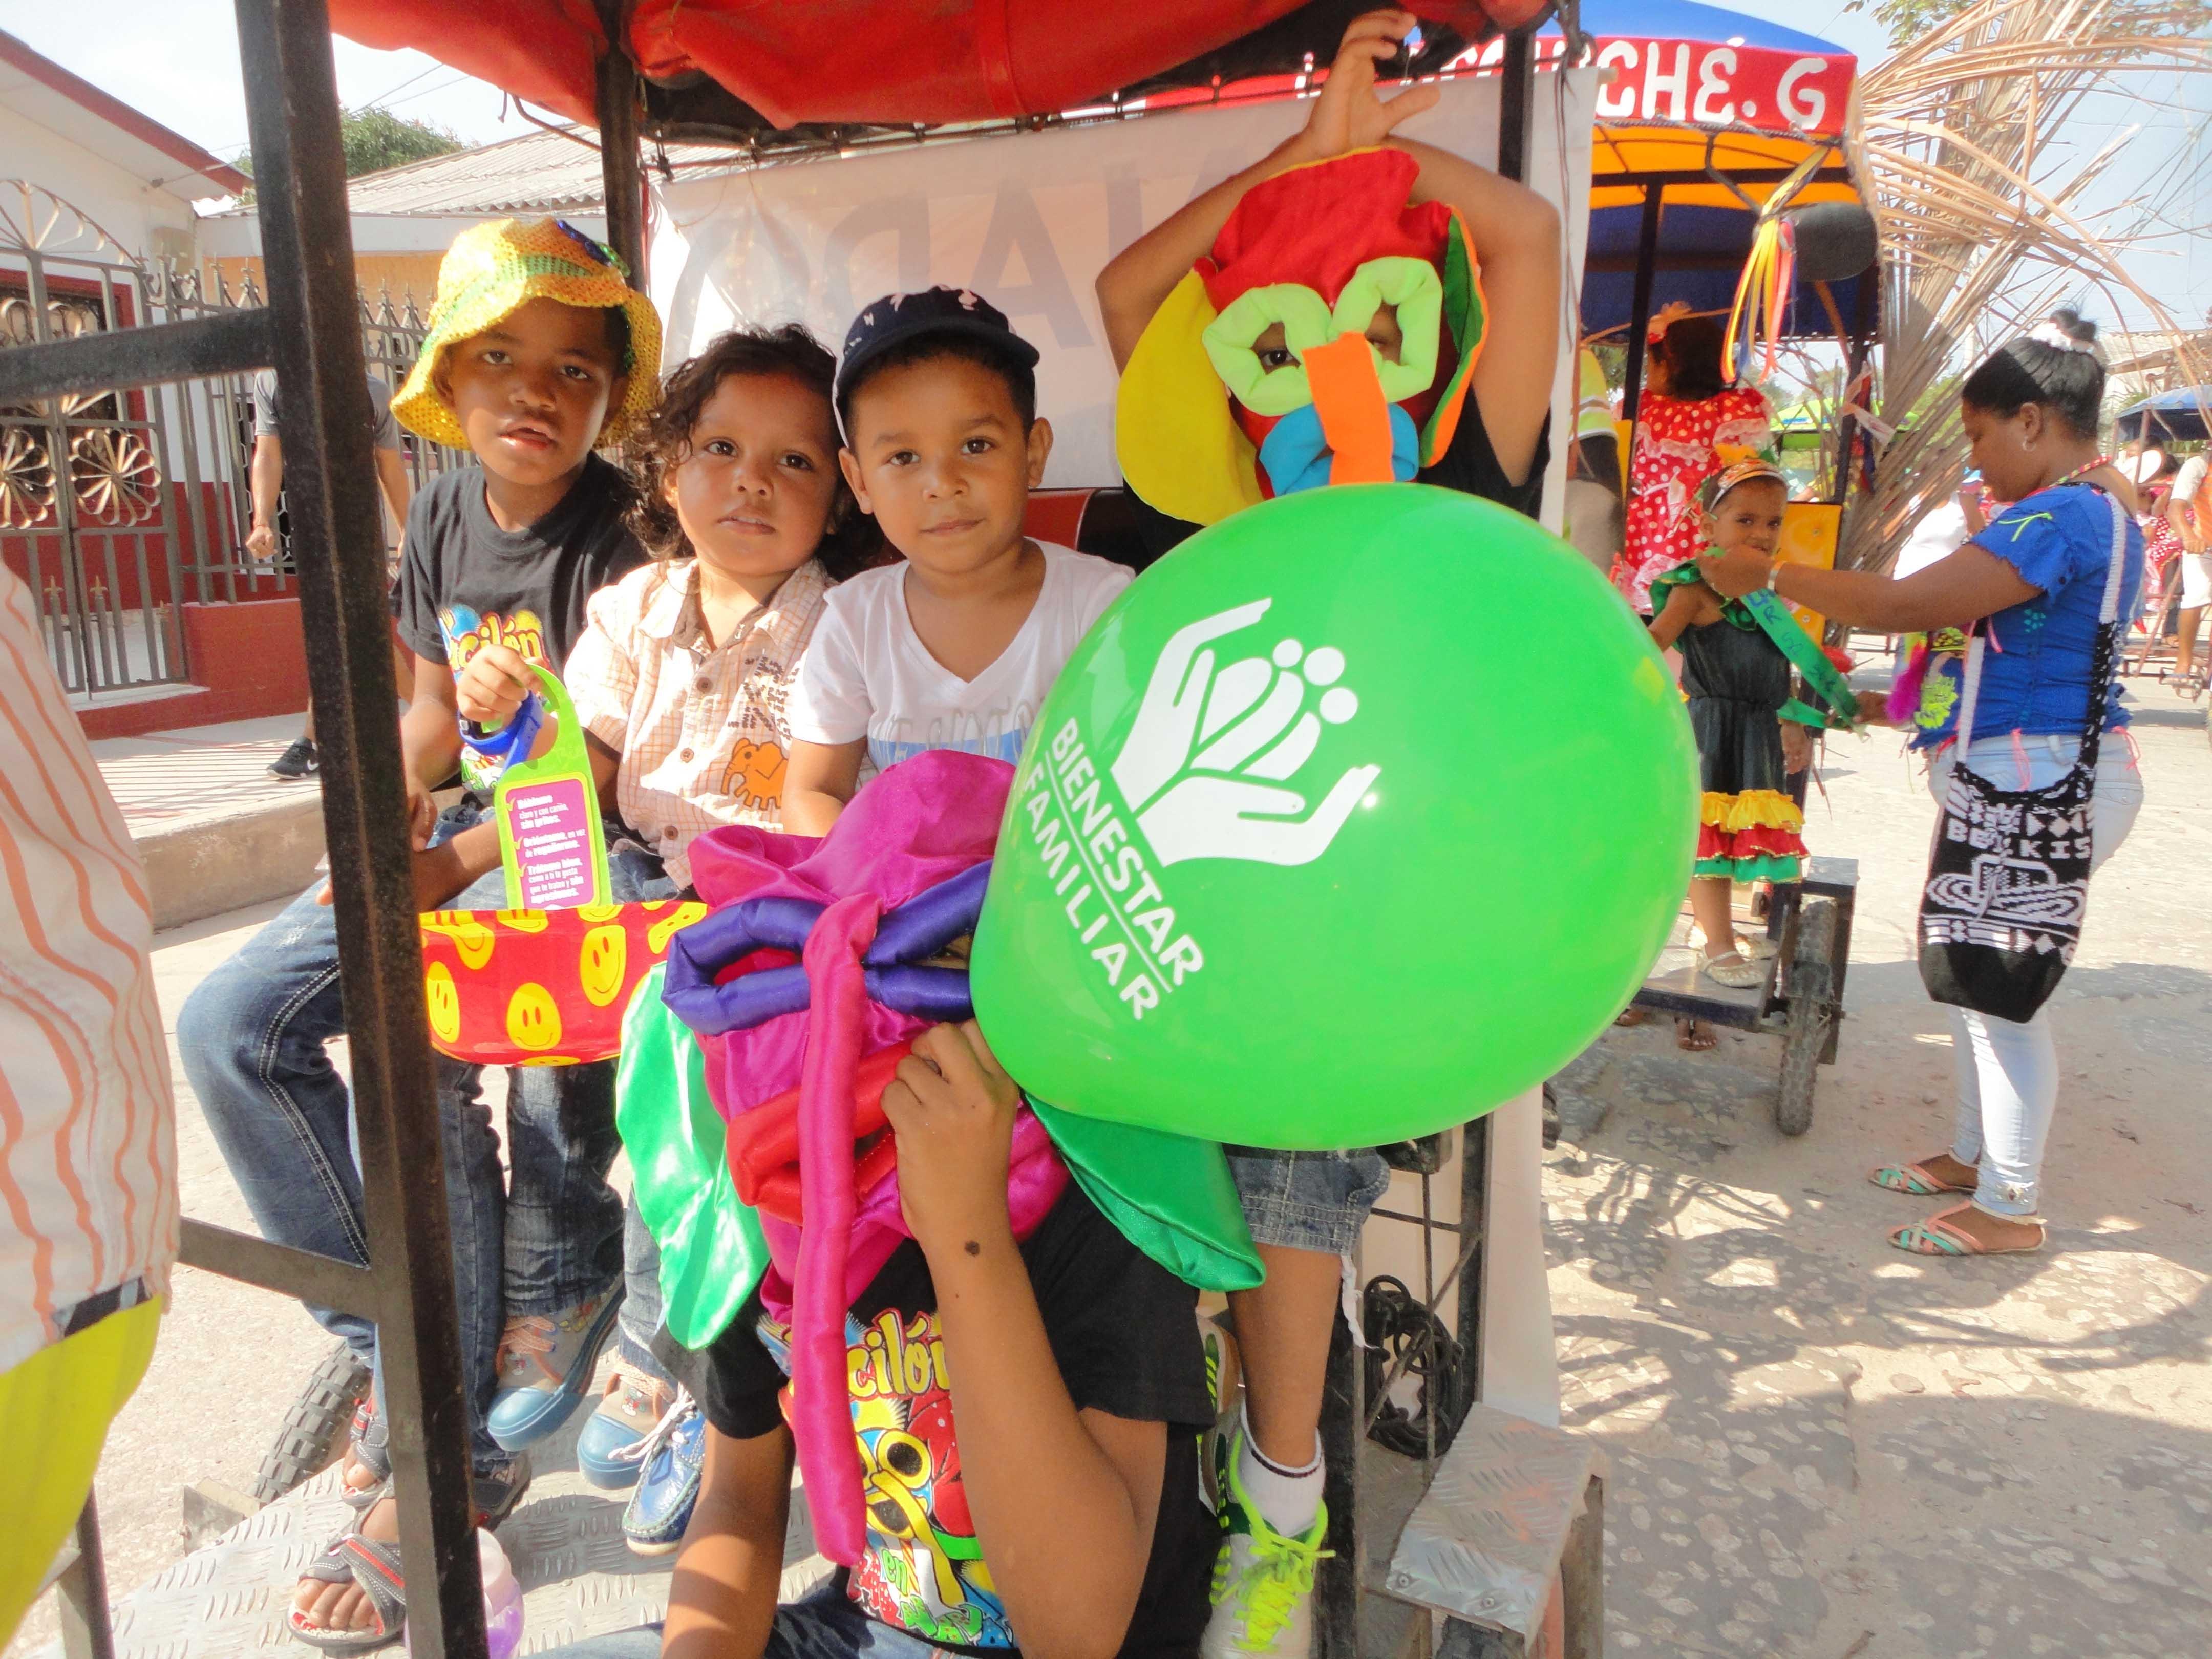 Recomendaciones para la protección de niños, niñas y adolescentes en carnavales